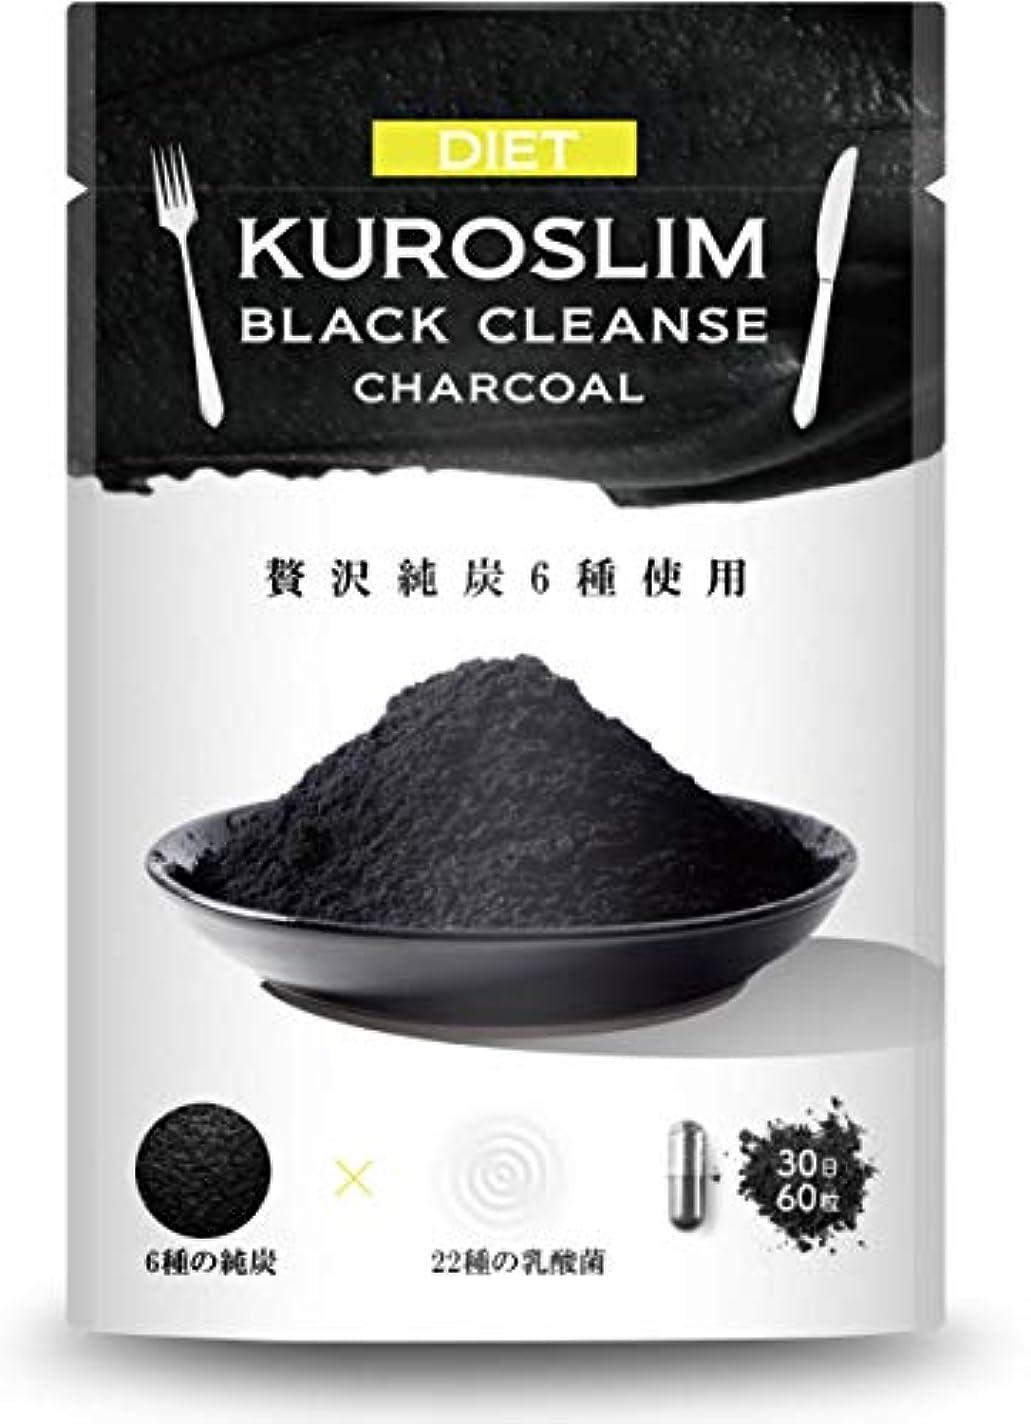 保安計画キッチン炭ダイエット サプリ KUROSLIM チャコール サプリメント 6種の純炭 60粒30日分